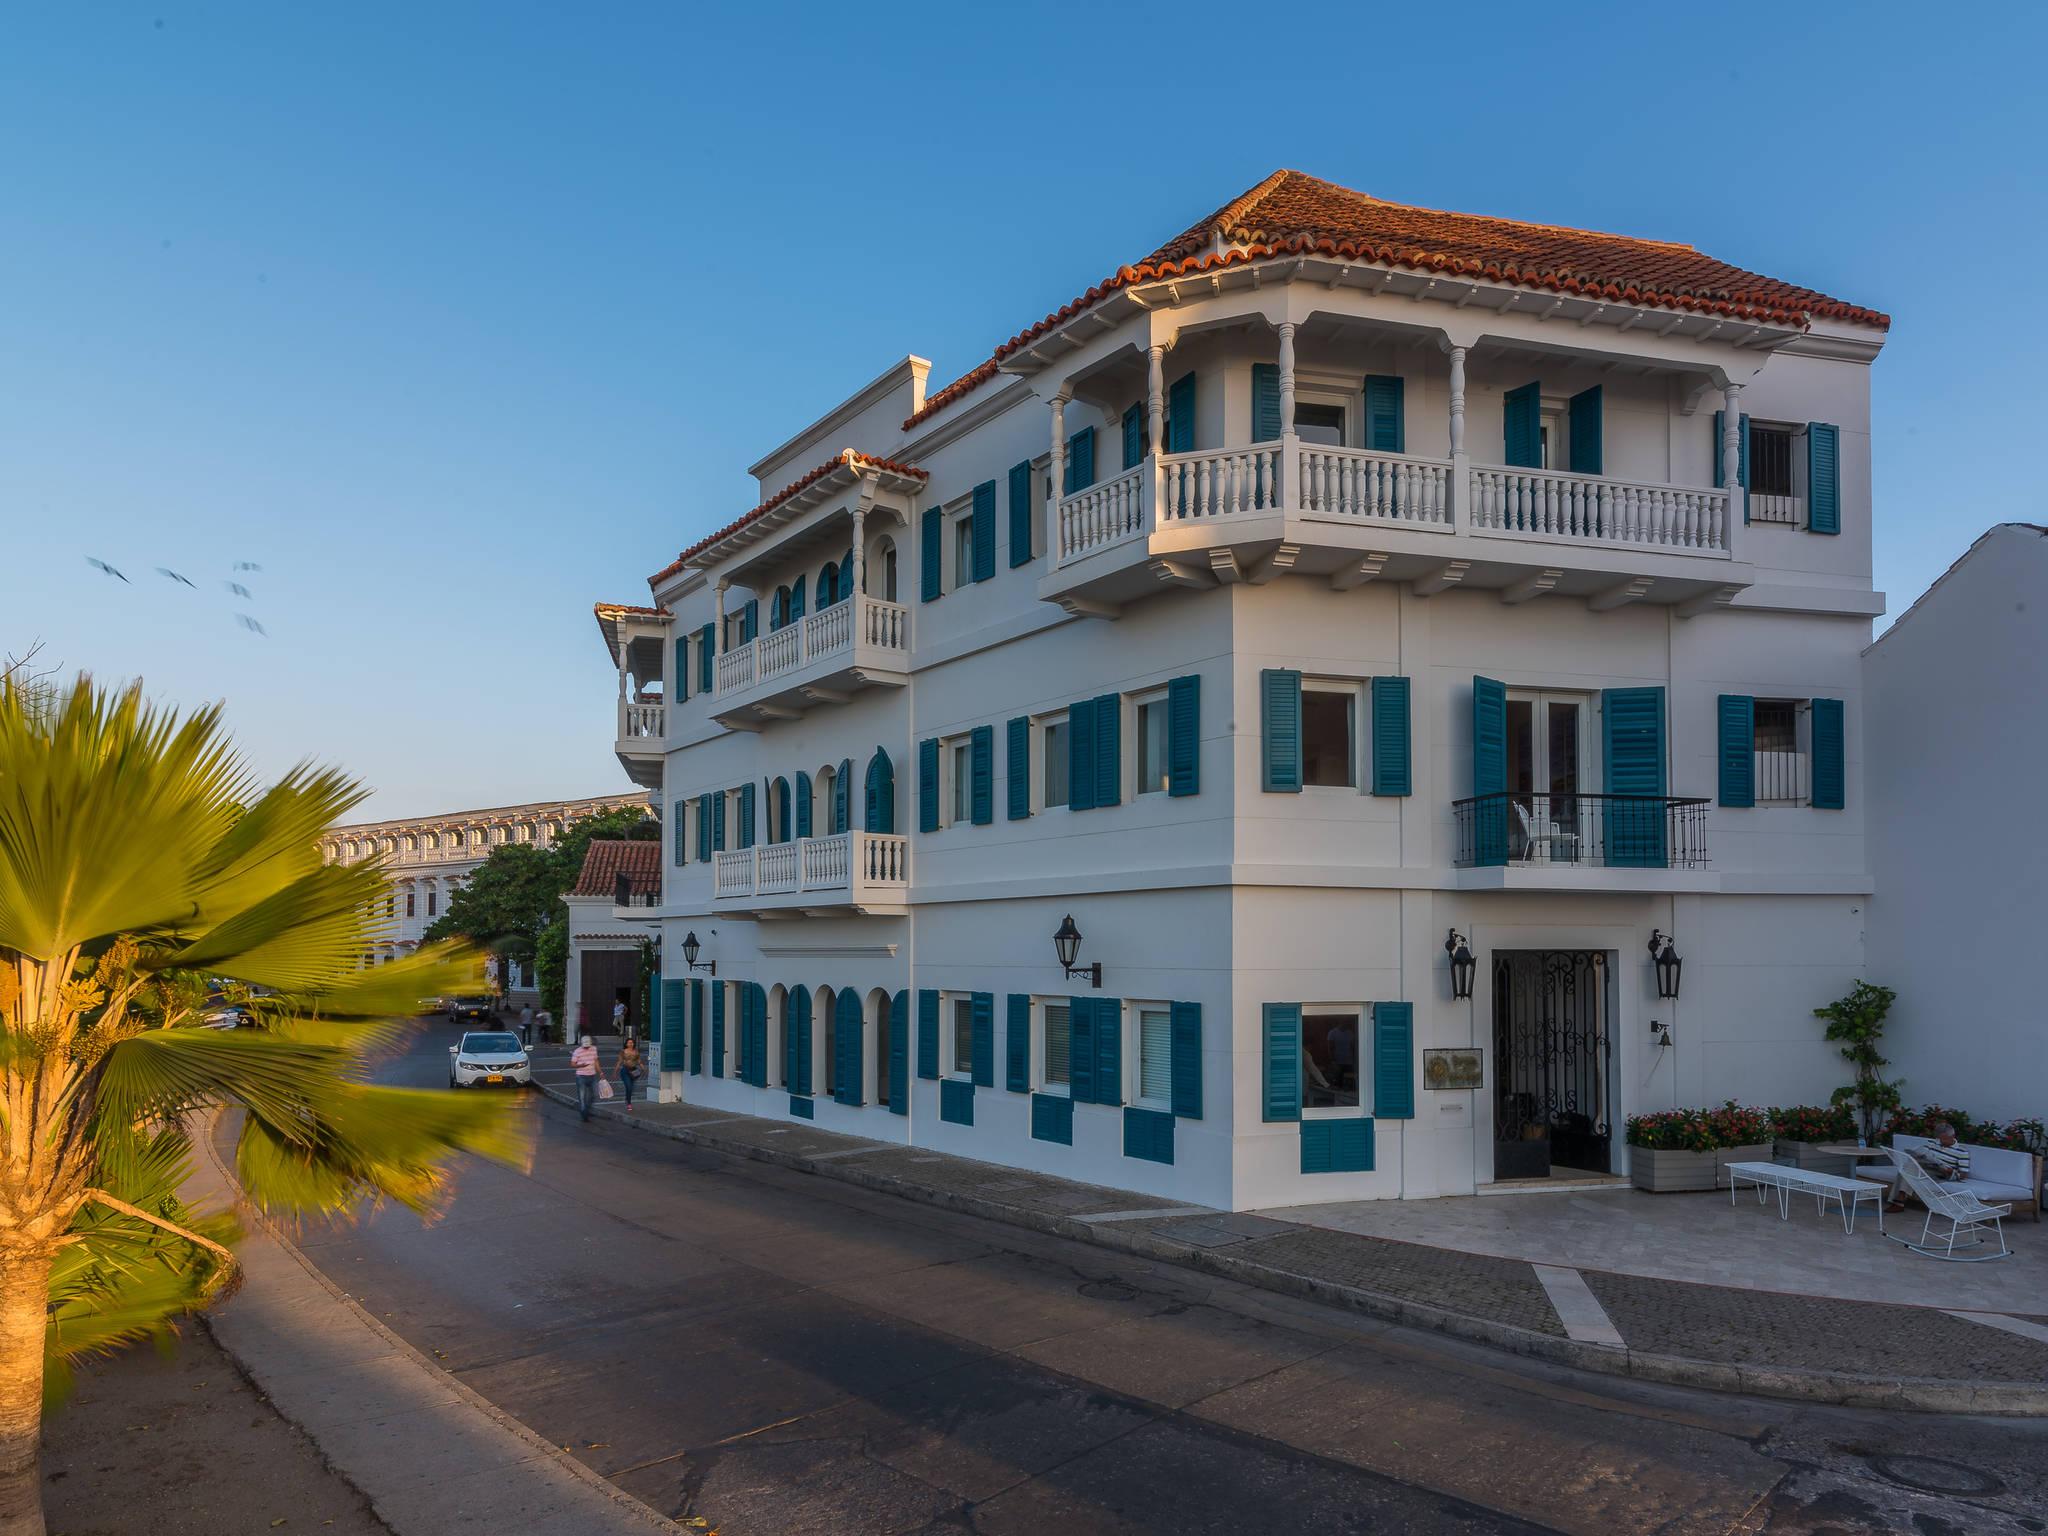 Hôtel - Hotel Boutique Bovedas de Santa Clara